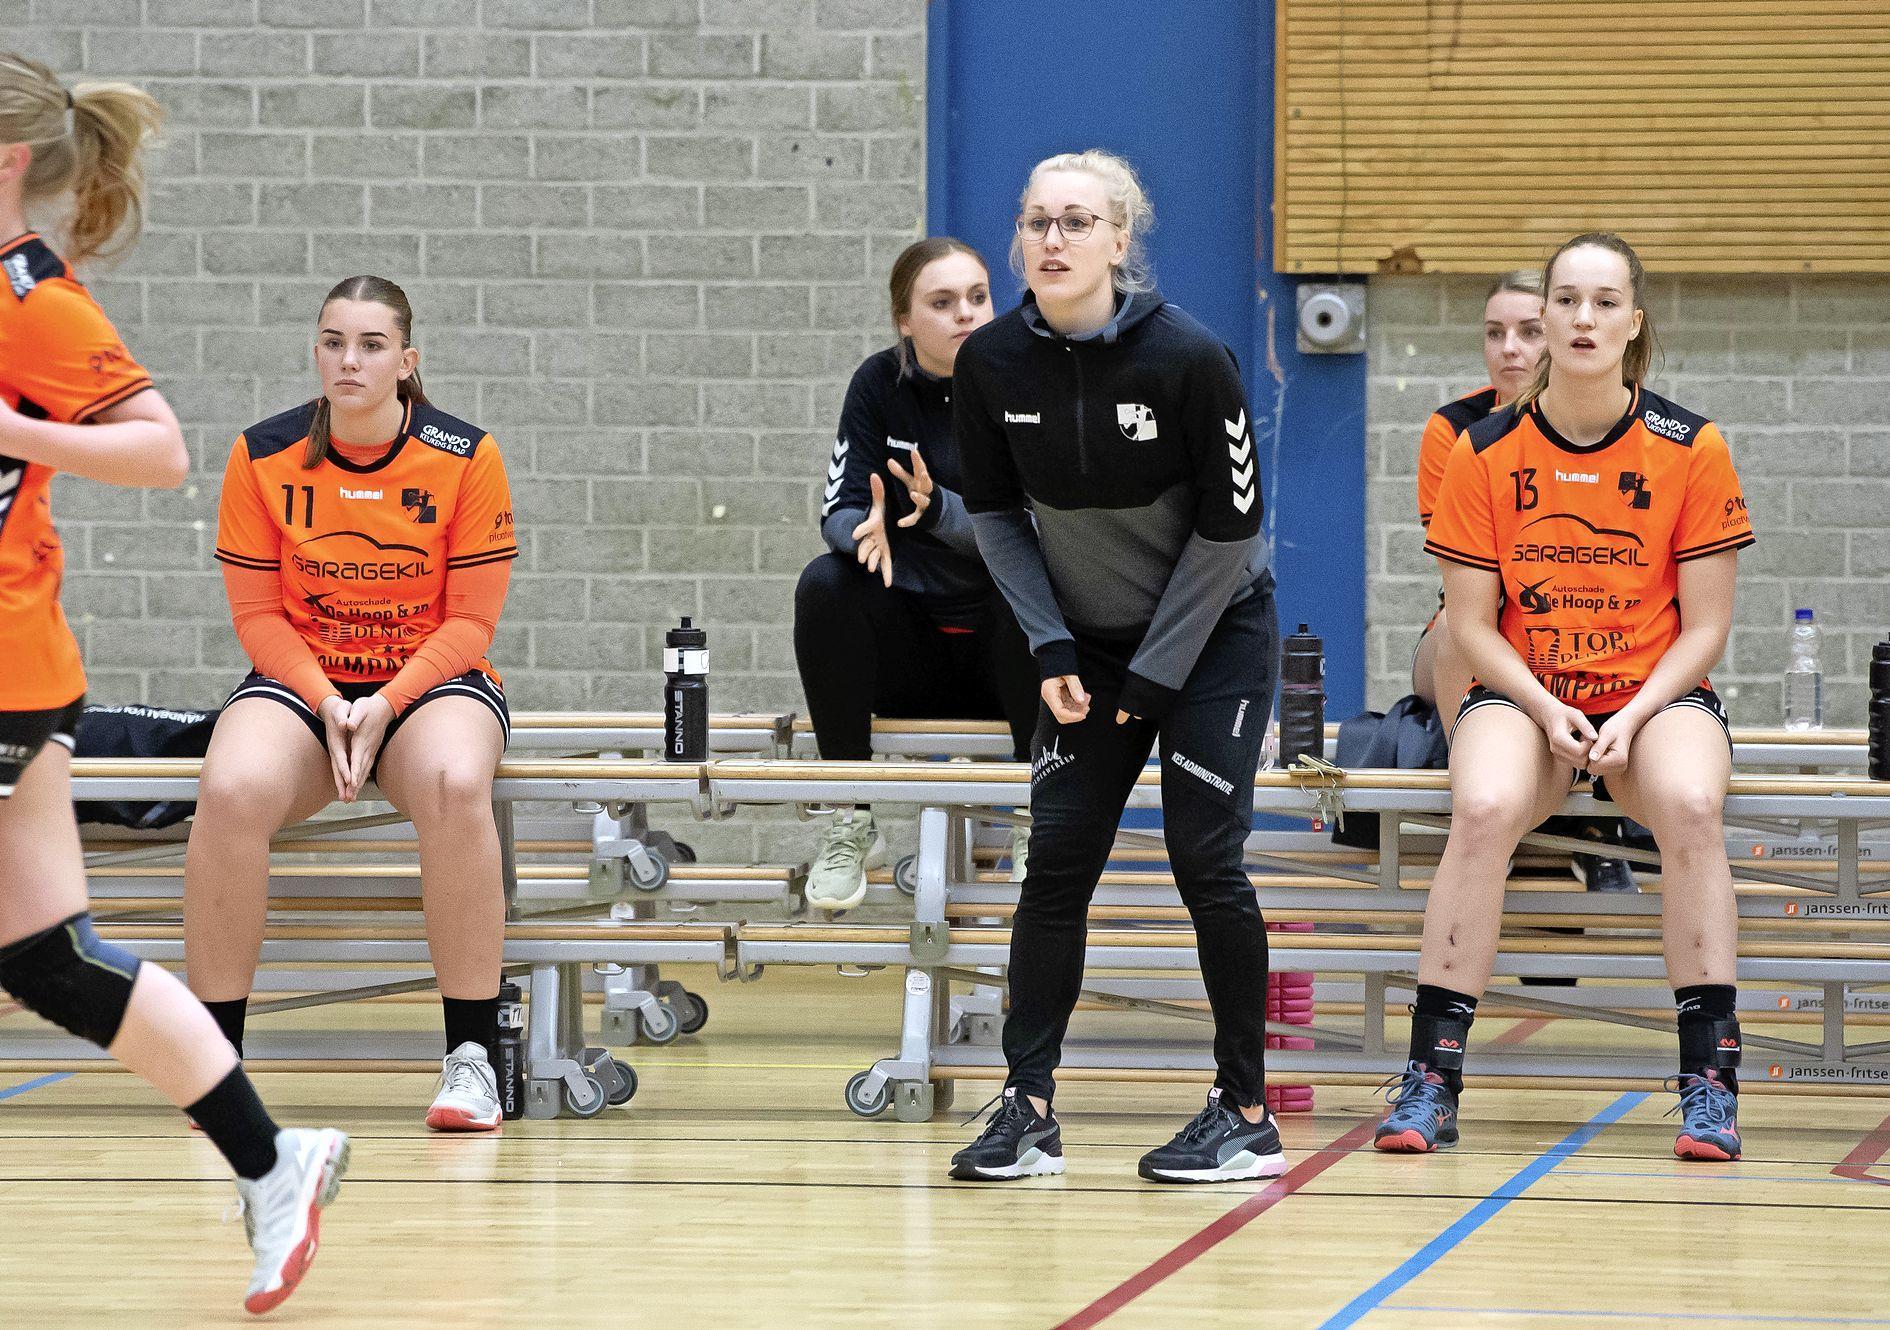 Wachten op nieuwe trainer: contouren nieuw seizoen handbalsters Volendam blijven vaag zonder coach